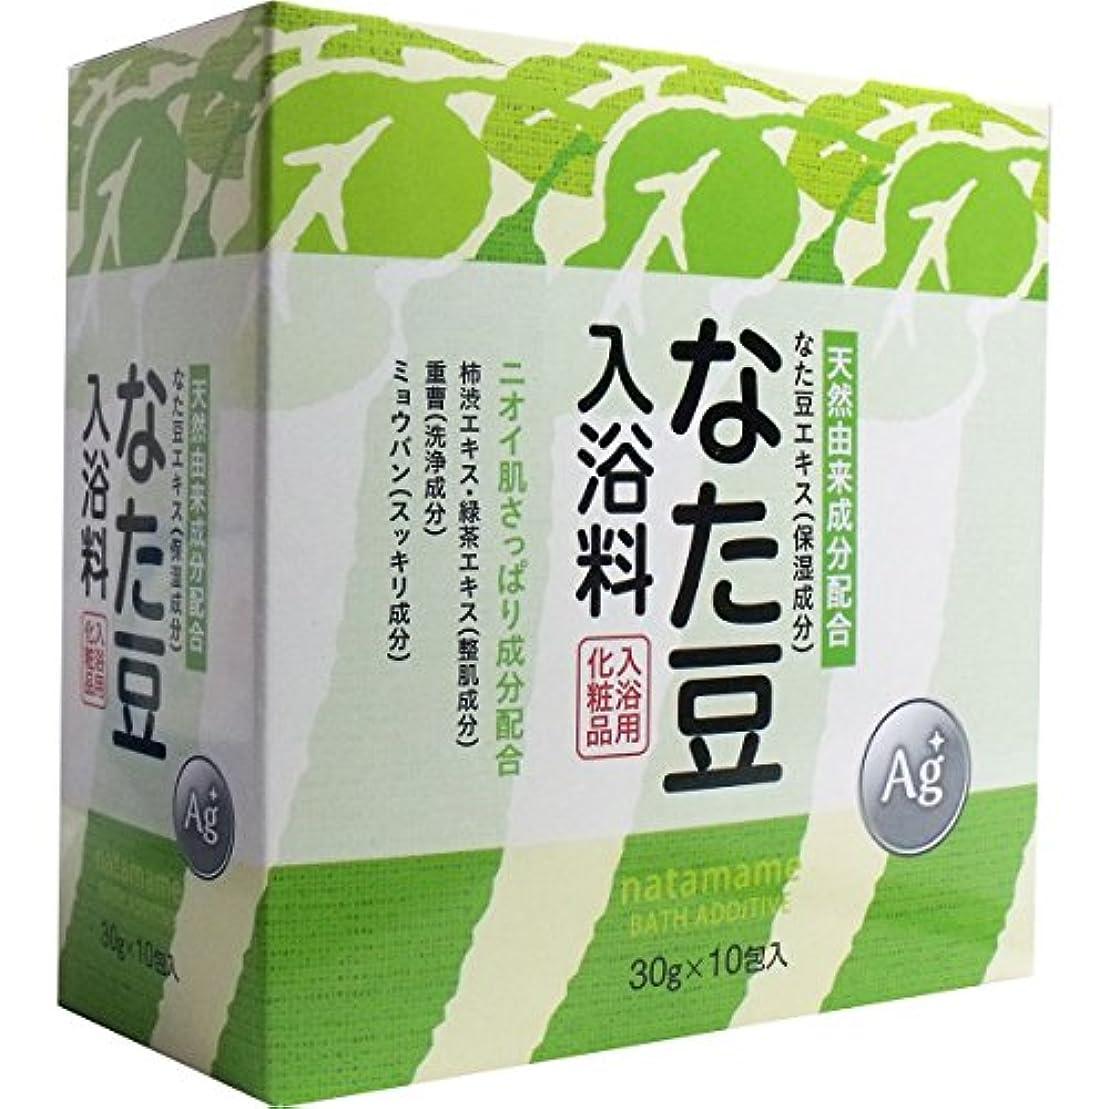 毛皮もっともらしい離婚天然由来成分配合 なた豆入浴料 入浴用化粧品 30g×10包入